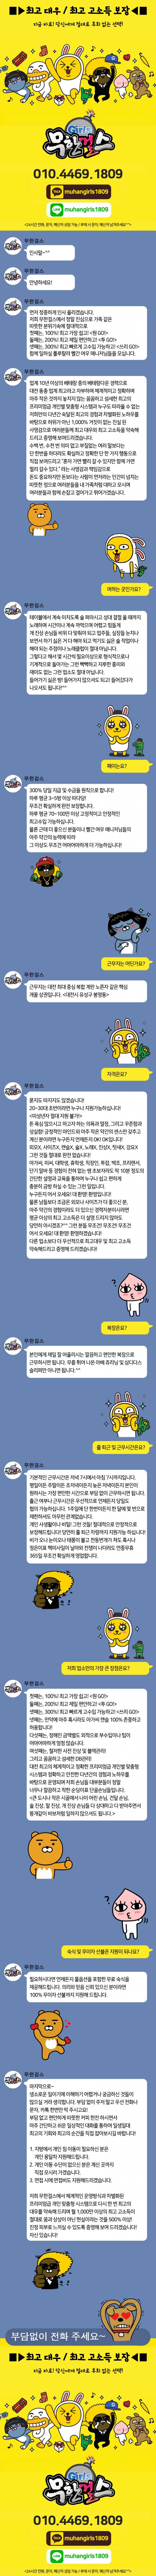 대전밤알바 - 소라알바 - soraalba.net